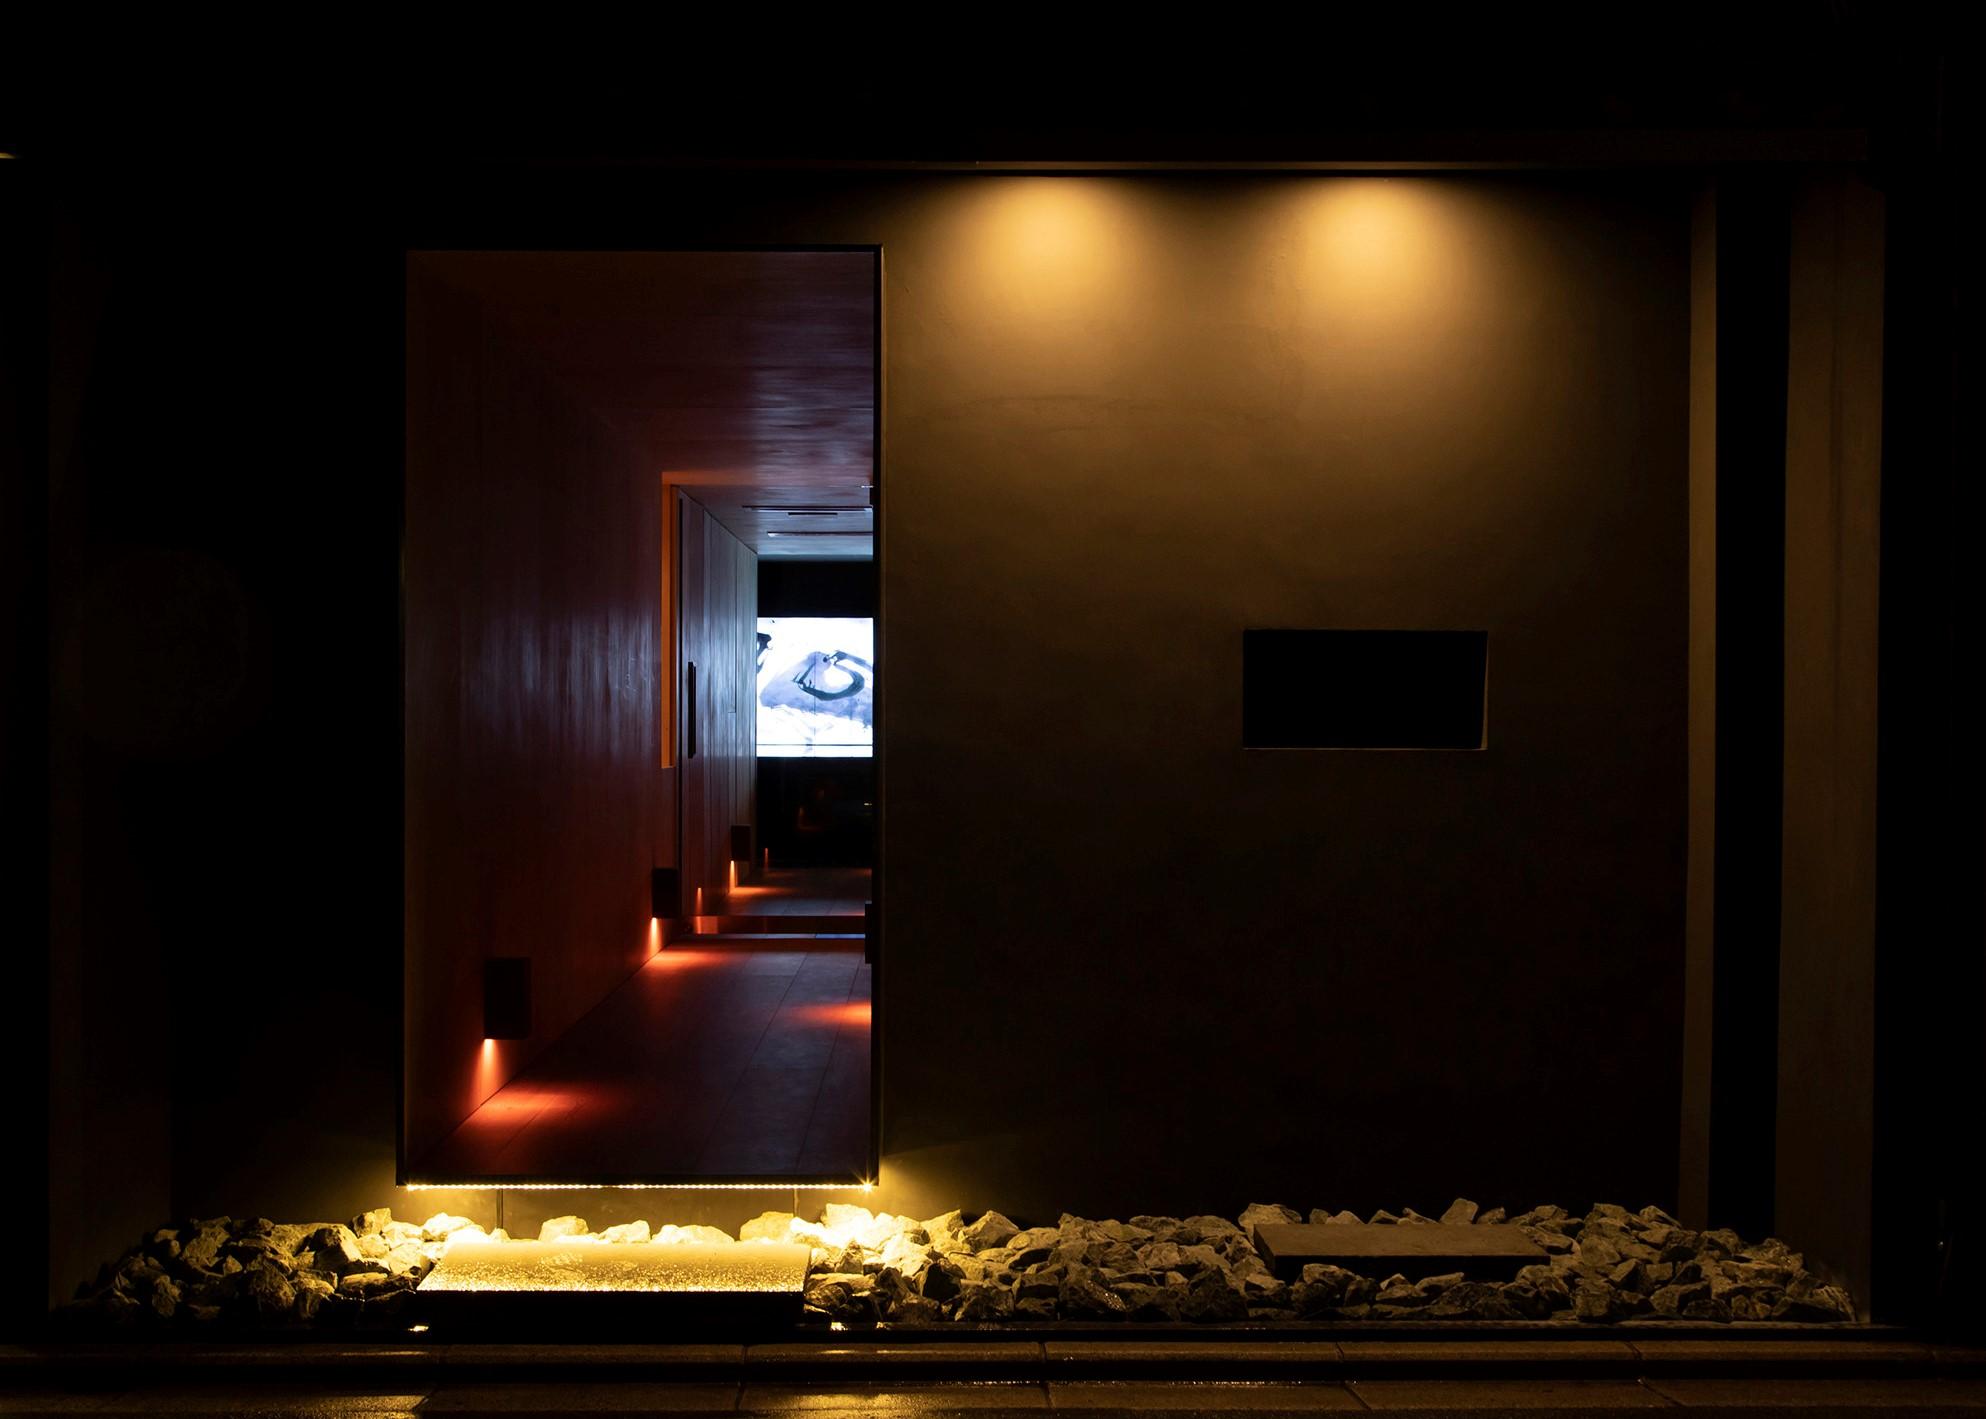 デジタルアート×ヴィーガンラーメン『Vegan Ramen UZU KYOTO』、芸術的な空間でラーメンを味わう